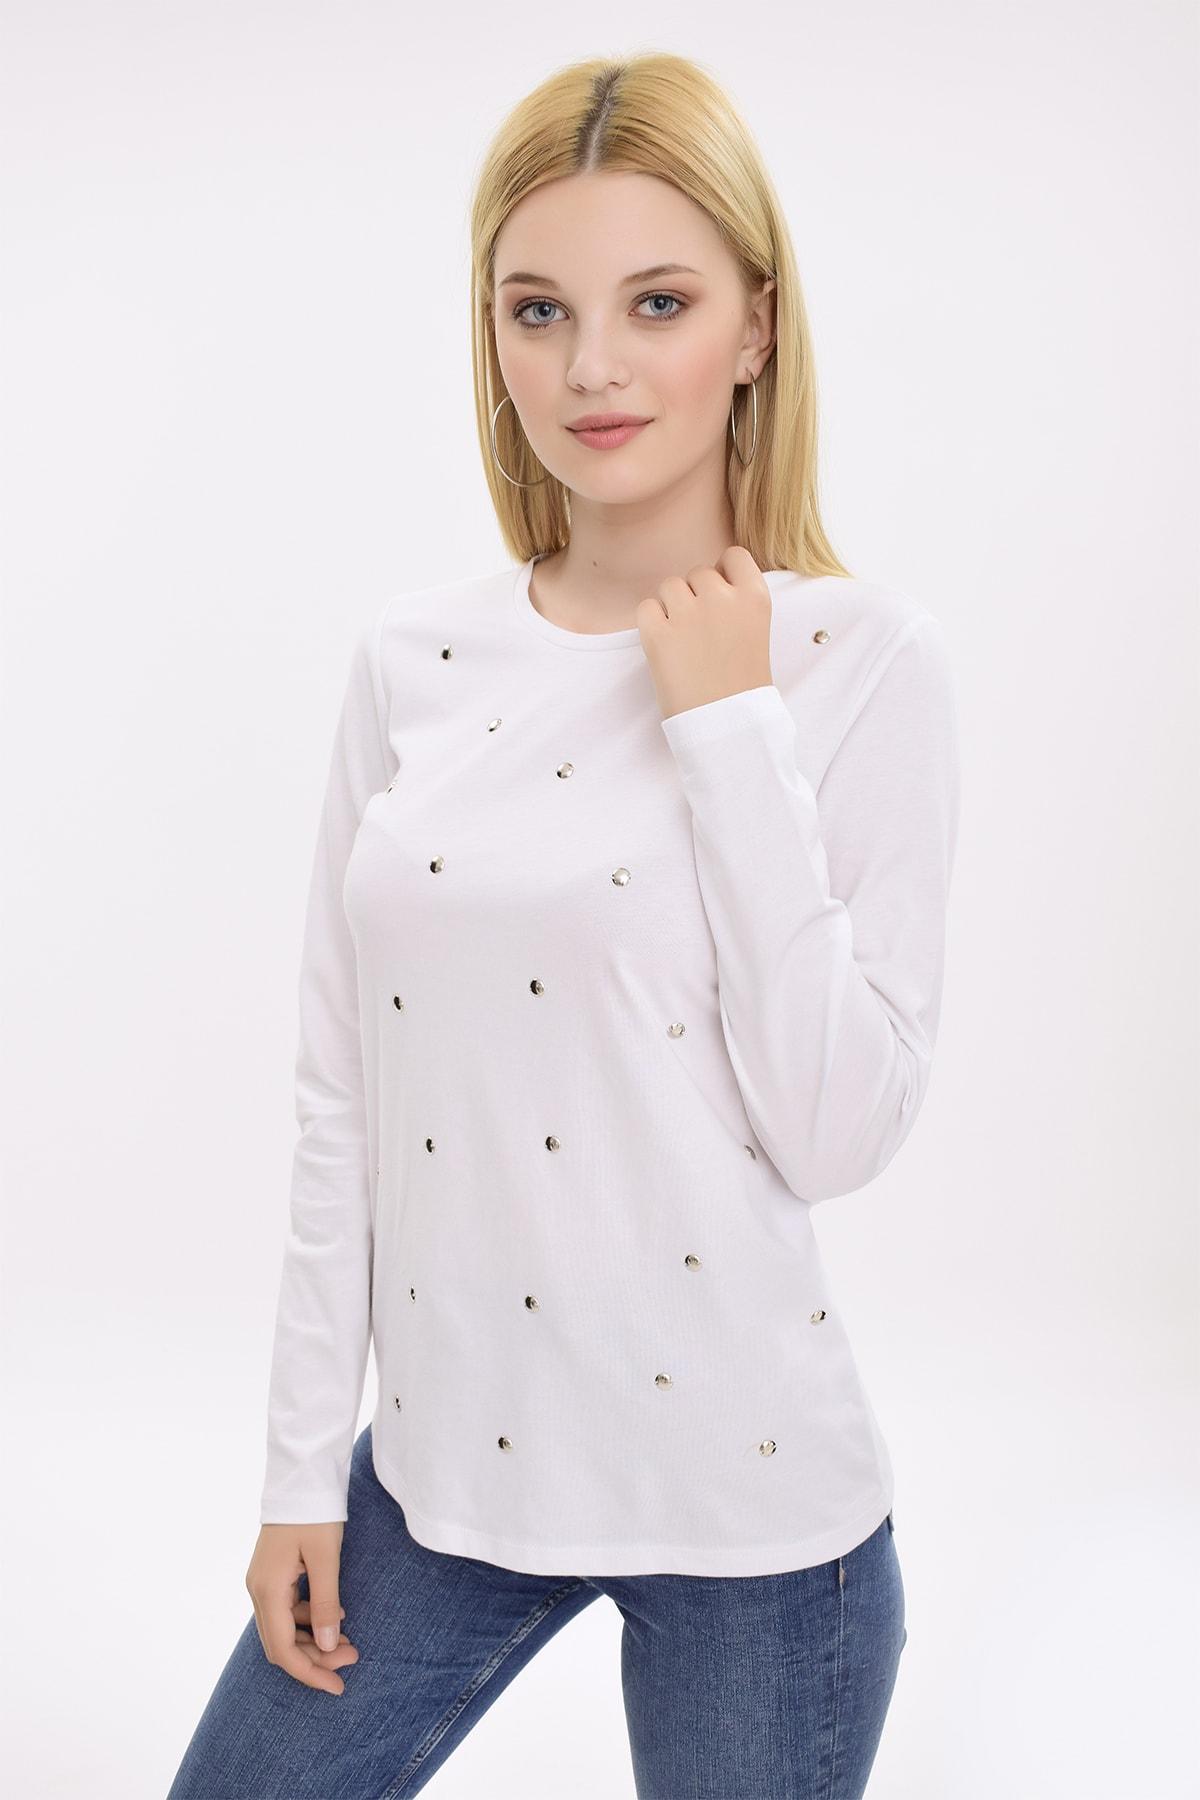 Hanna's by Hanna Darsa Kadın Beyaz Metal Boncuk İşlemeli Uzun Kollu Bluz HN2079 2